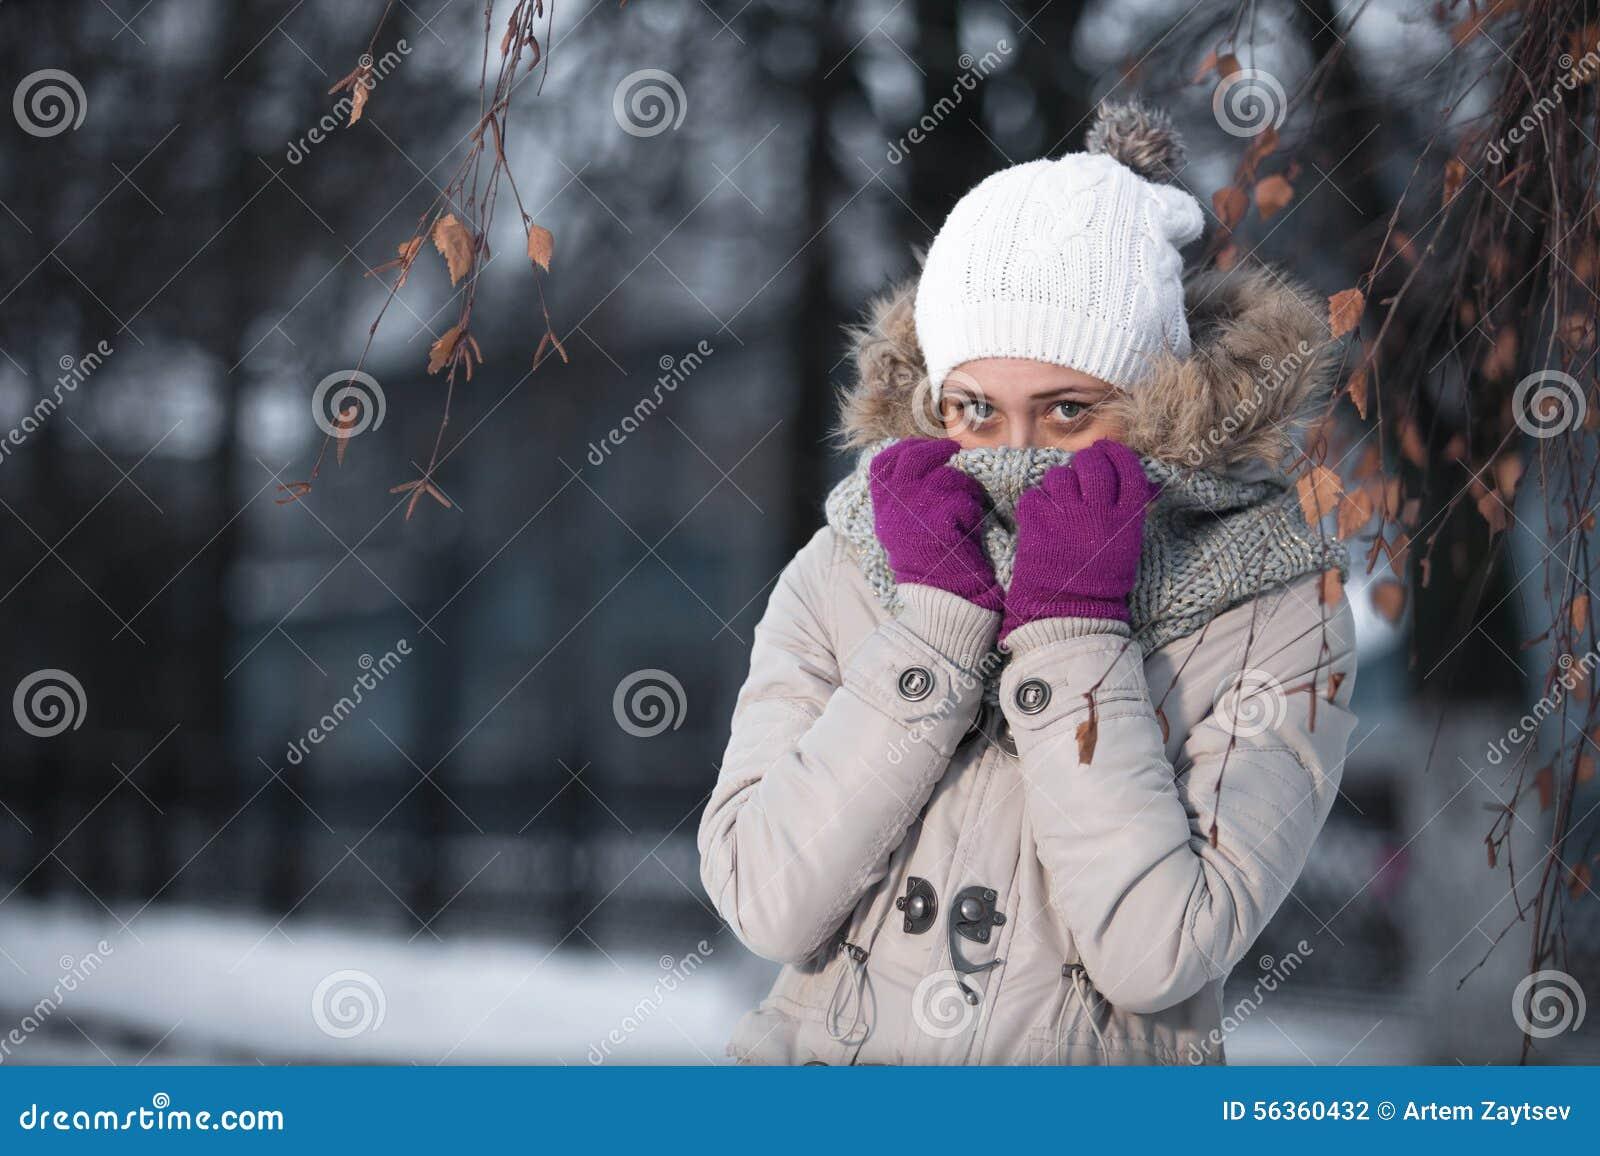 Stagione Vestiti Allegri Inverno Della Caldo Donna In Di Cappello qUTYpUwa